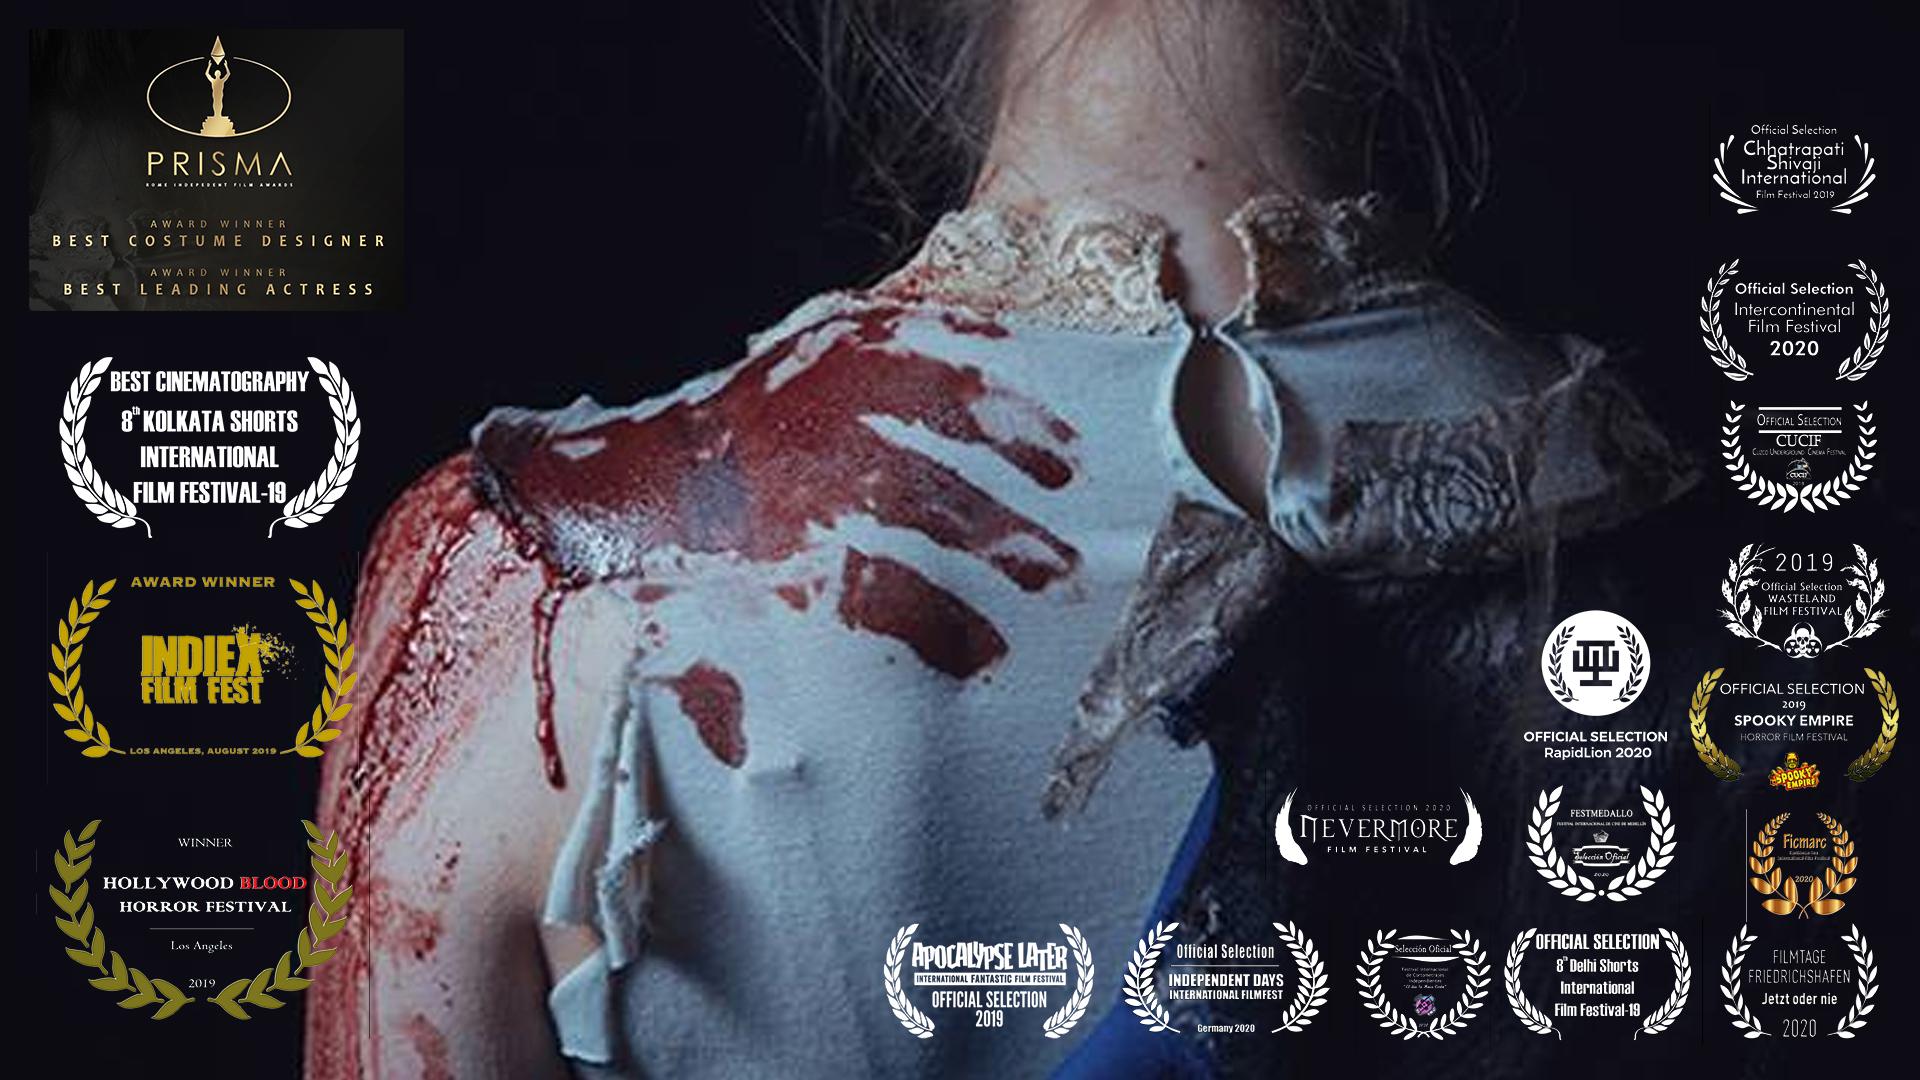 Séance, ein Kurzfilm